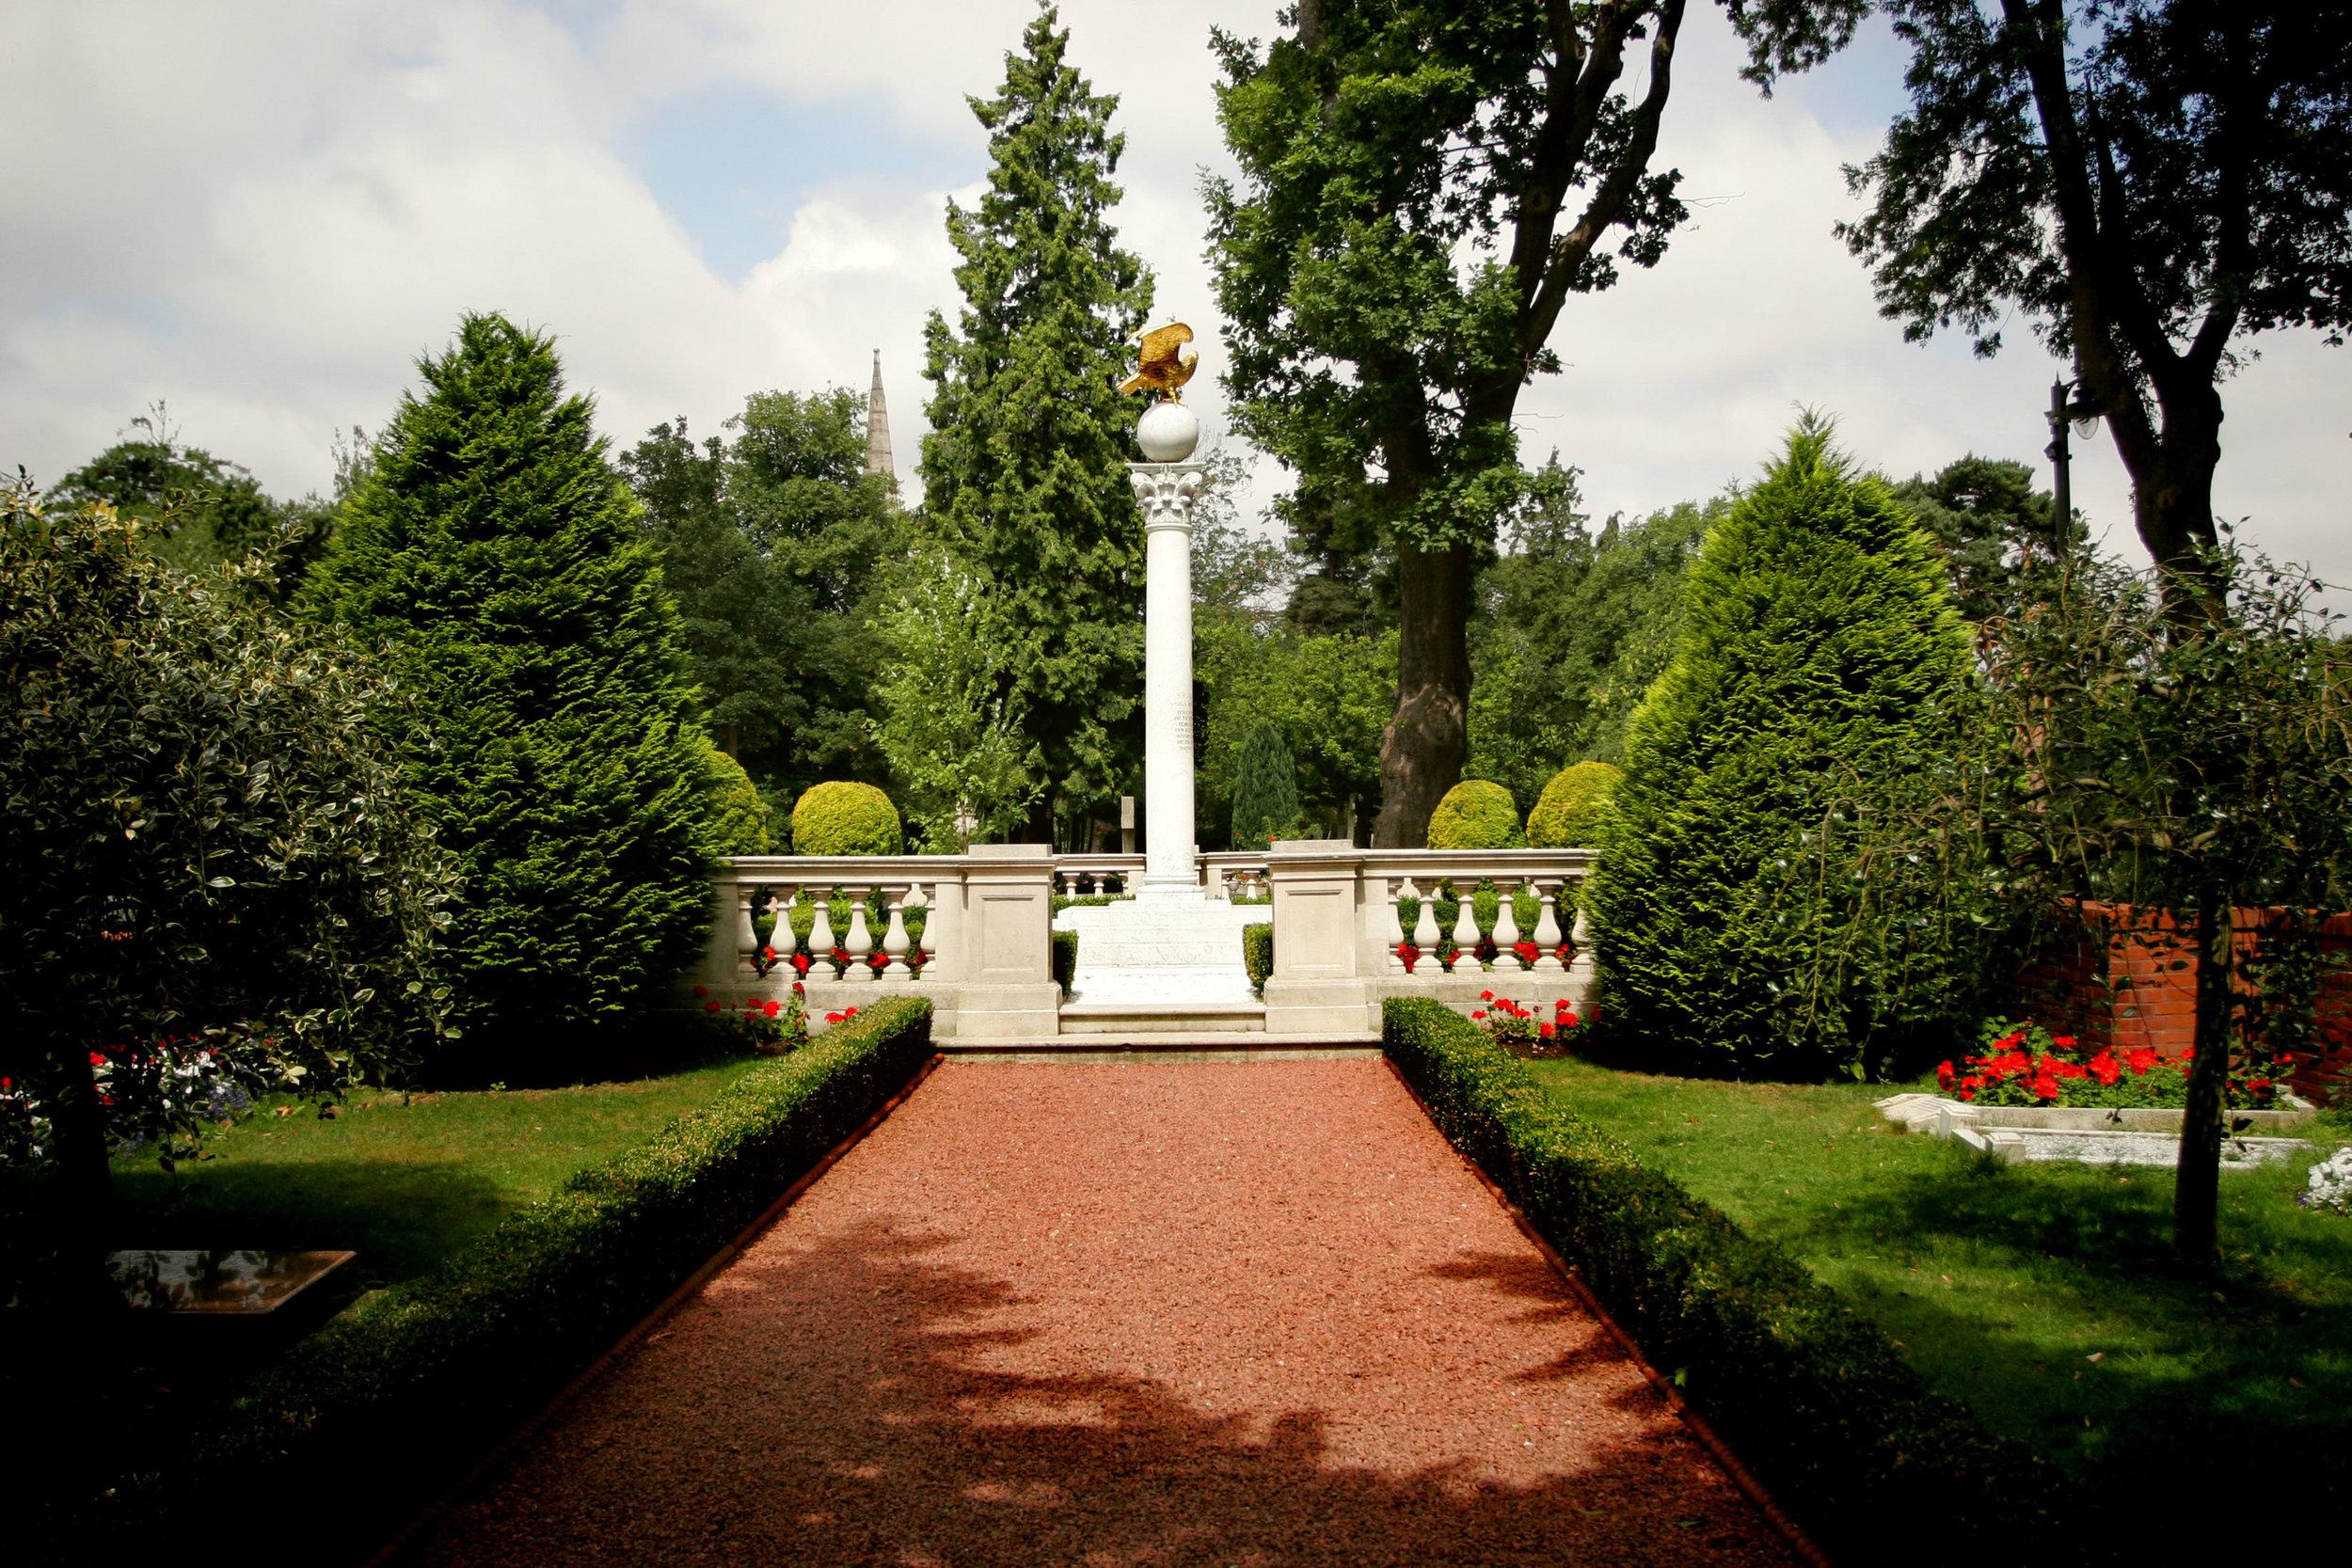 Lugar de descanso de Shoghi Effendi, en un cementerio de Londres, Inglaterra.